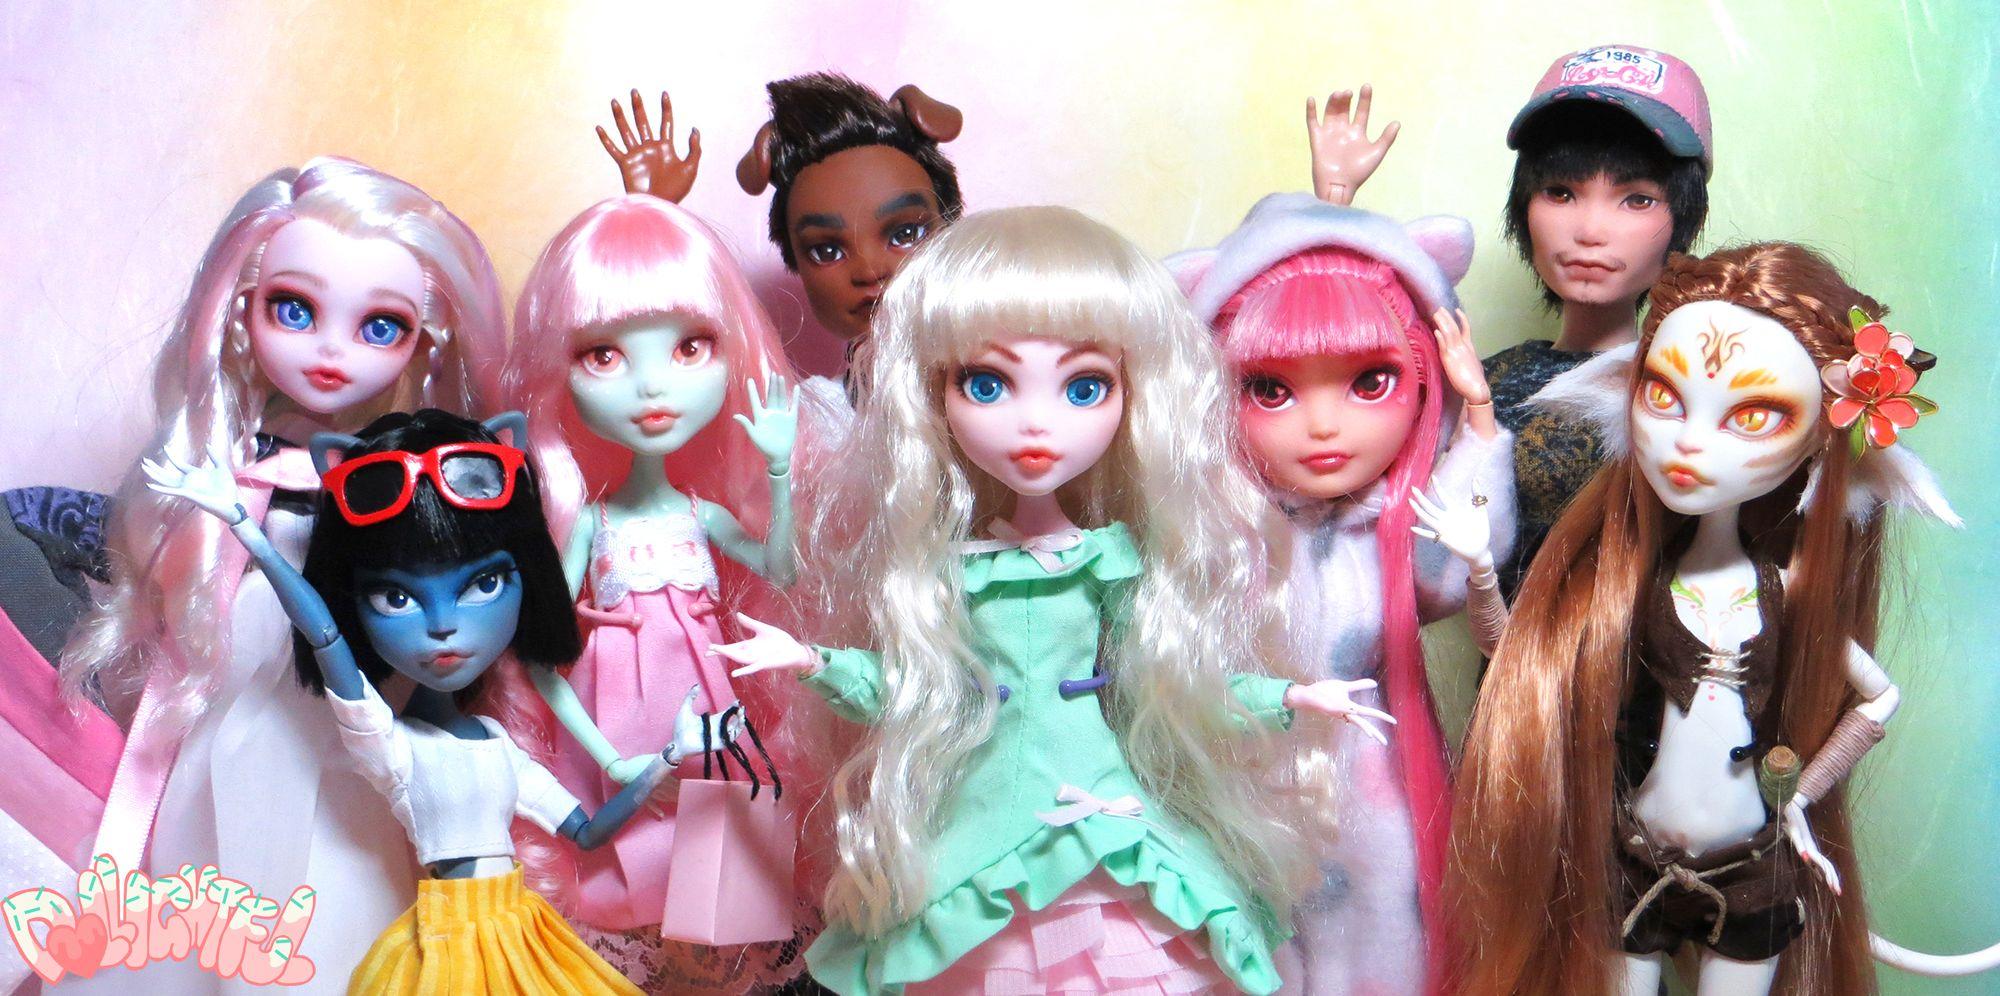 안녕~! (Annyeong!) This is a place to have fun and create unique, one-of-a-kind toy customs! 재밌을 거야~ ----- Welcome to Dollightful!